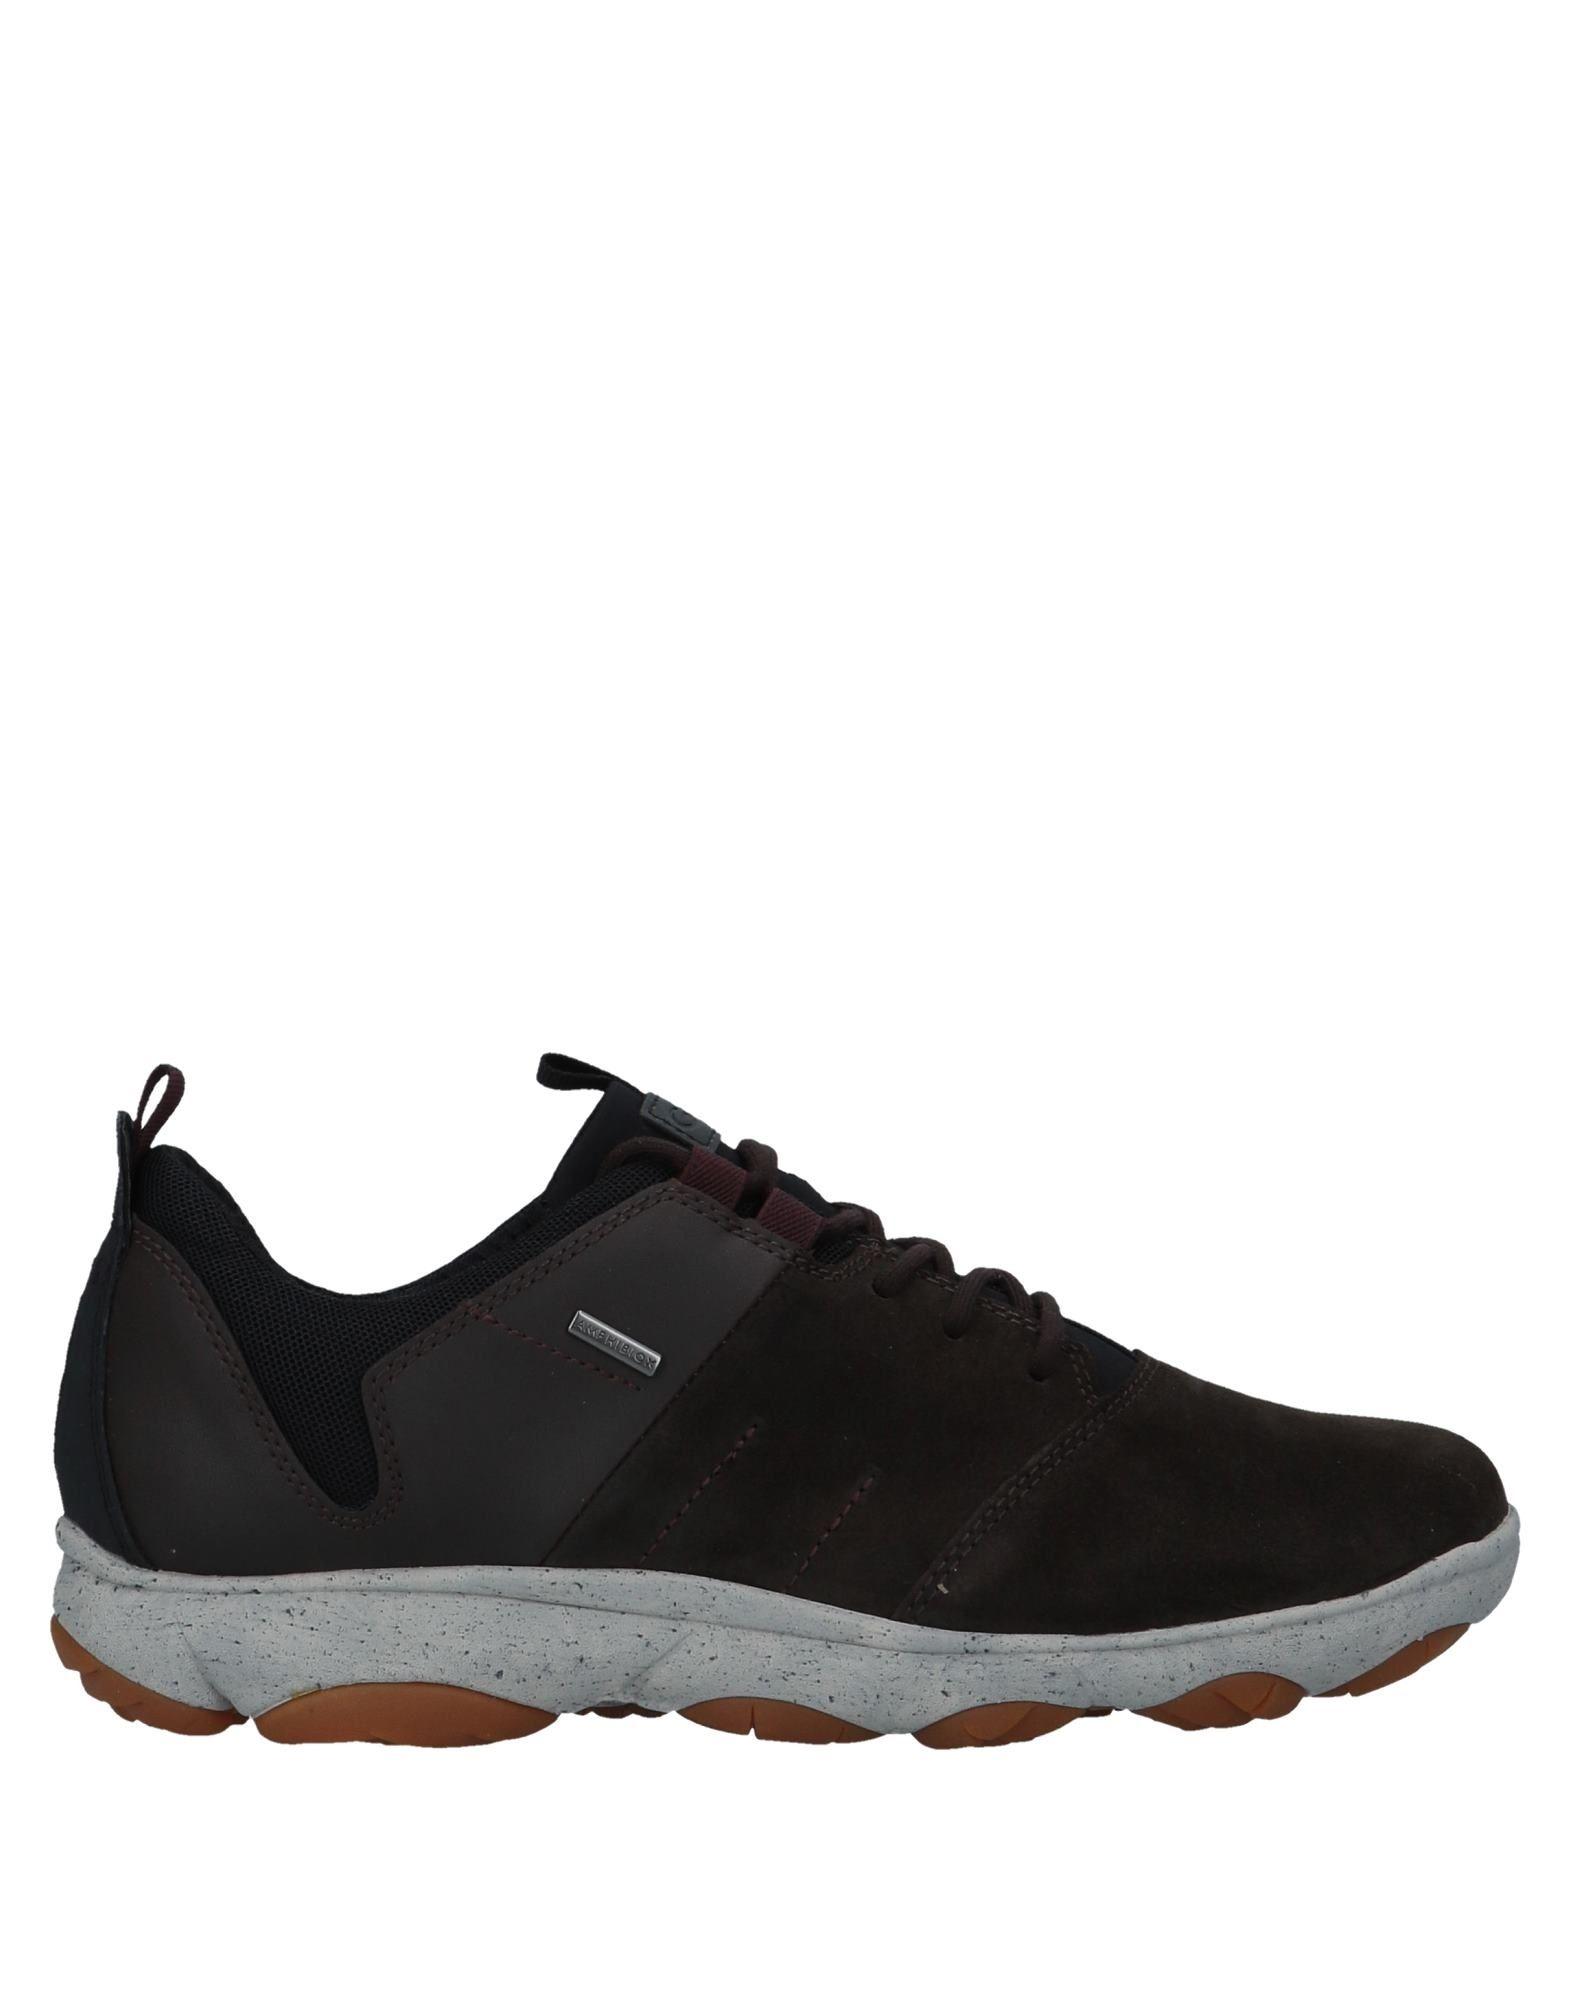 Sneakers Geox Homme - Sneakers Geox  Moka Super rabais